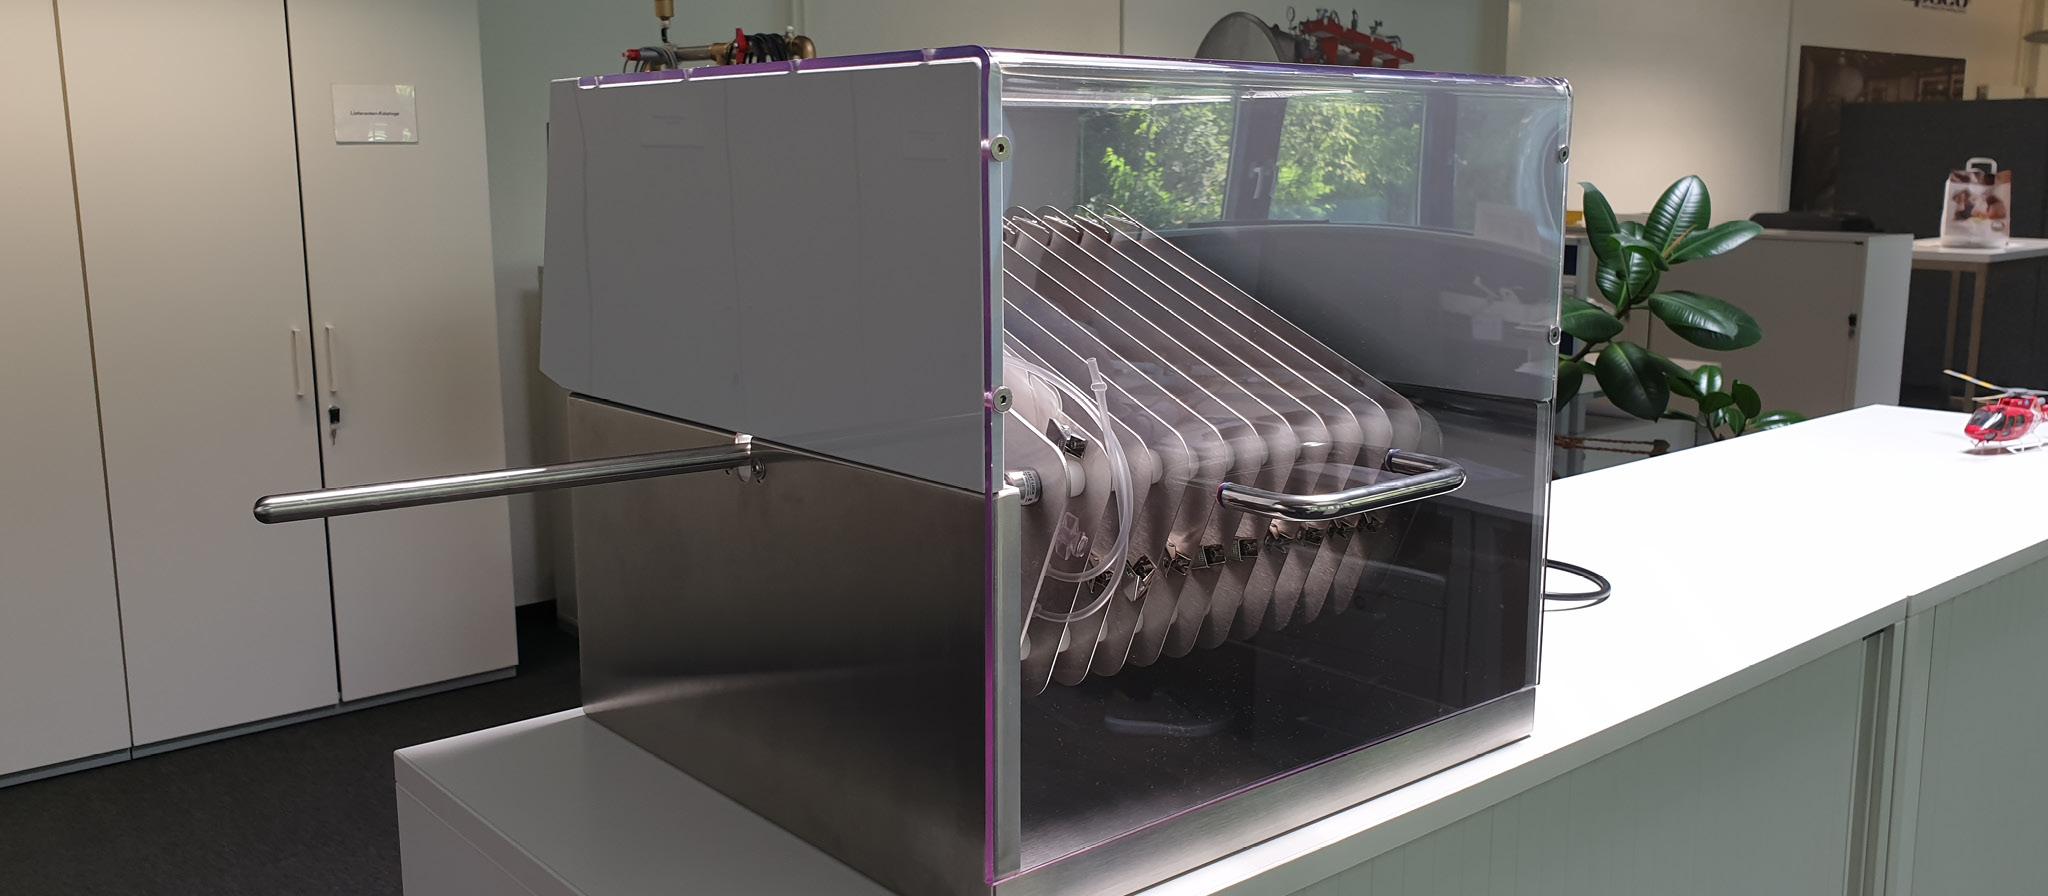 Maschinen-Verkleidung aus PP transparent PET